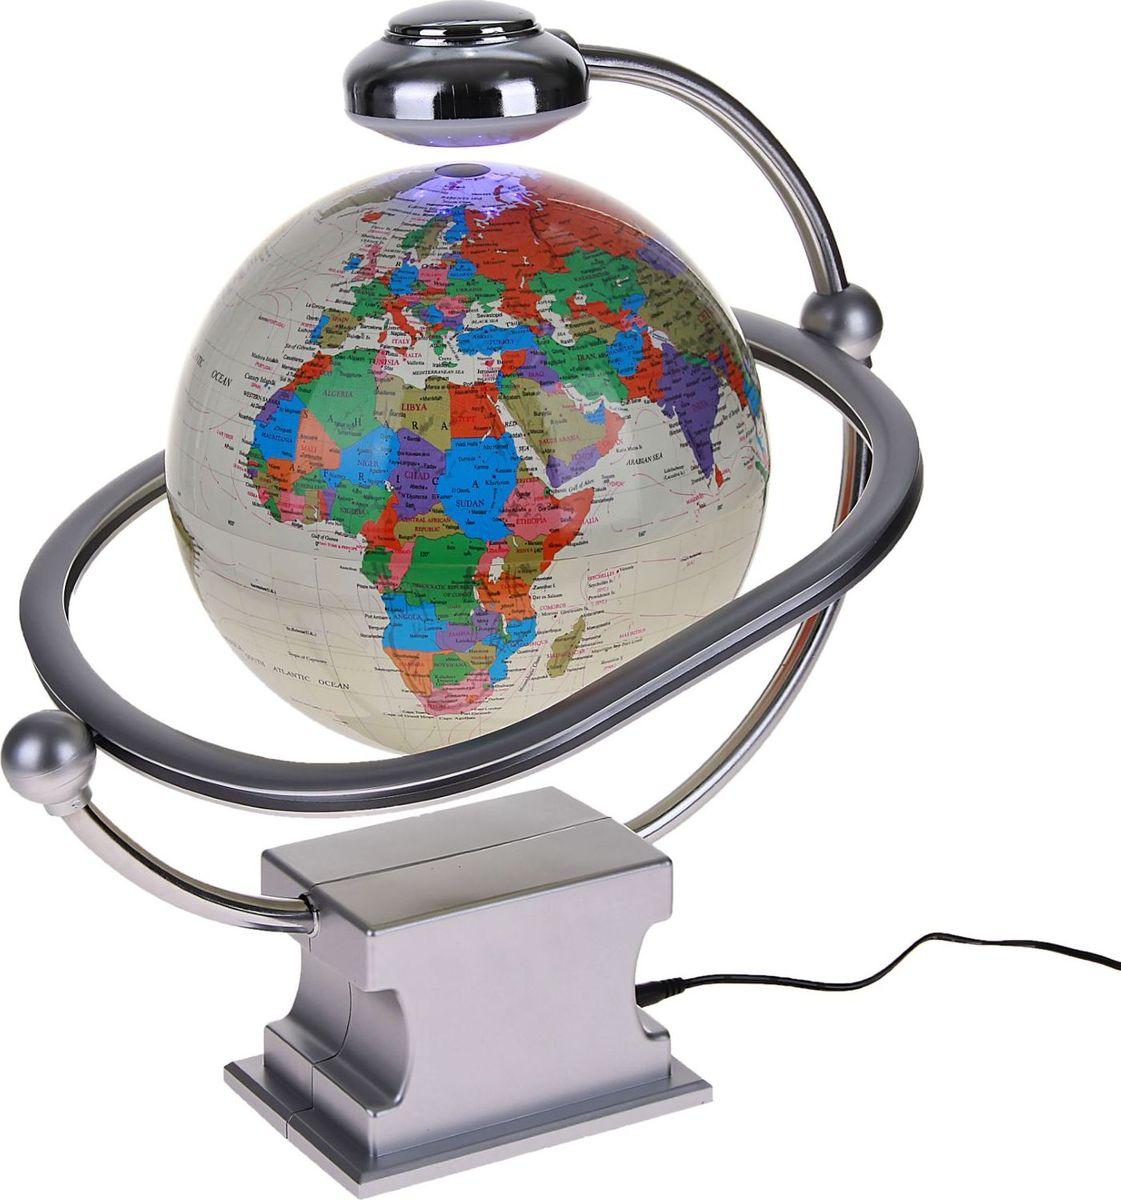 Глобус Политическая карта на английском языке цвет белый диаметр 20 см цвет белый536763Глобус сувенирный на магнитном поле, d=20 см, h=36 см, с подсветкой, политическая карта, английский язык, 220 В, белый — это украшение рабочего места и кладезь полезной информации о Земле. С его помощью вы увидите полет планеты в миниатюре. Этот гаджет имеет еще несколько названий: антигравитационный, левитирующий или левитрон. Раскроем секрет этого чуда. В базу встроен электромагнит, а в шар — магнит с противоположным зарядом. В результате сфера зависает в воздухе и вращается вокруг своей оси. Особенности антигравитационного глобуса Поворачивайте шар, пока он парит в воздухе. Это снимает нервное напряжение и помогает отвлечься от рутинной работы. Оригинальная задумка станет вашим источником вдохновения во время умственного процесса.